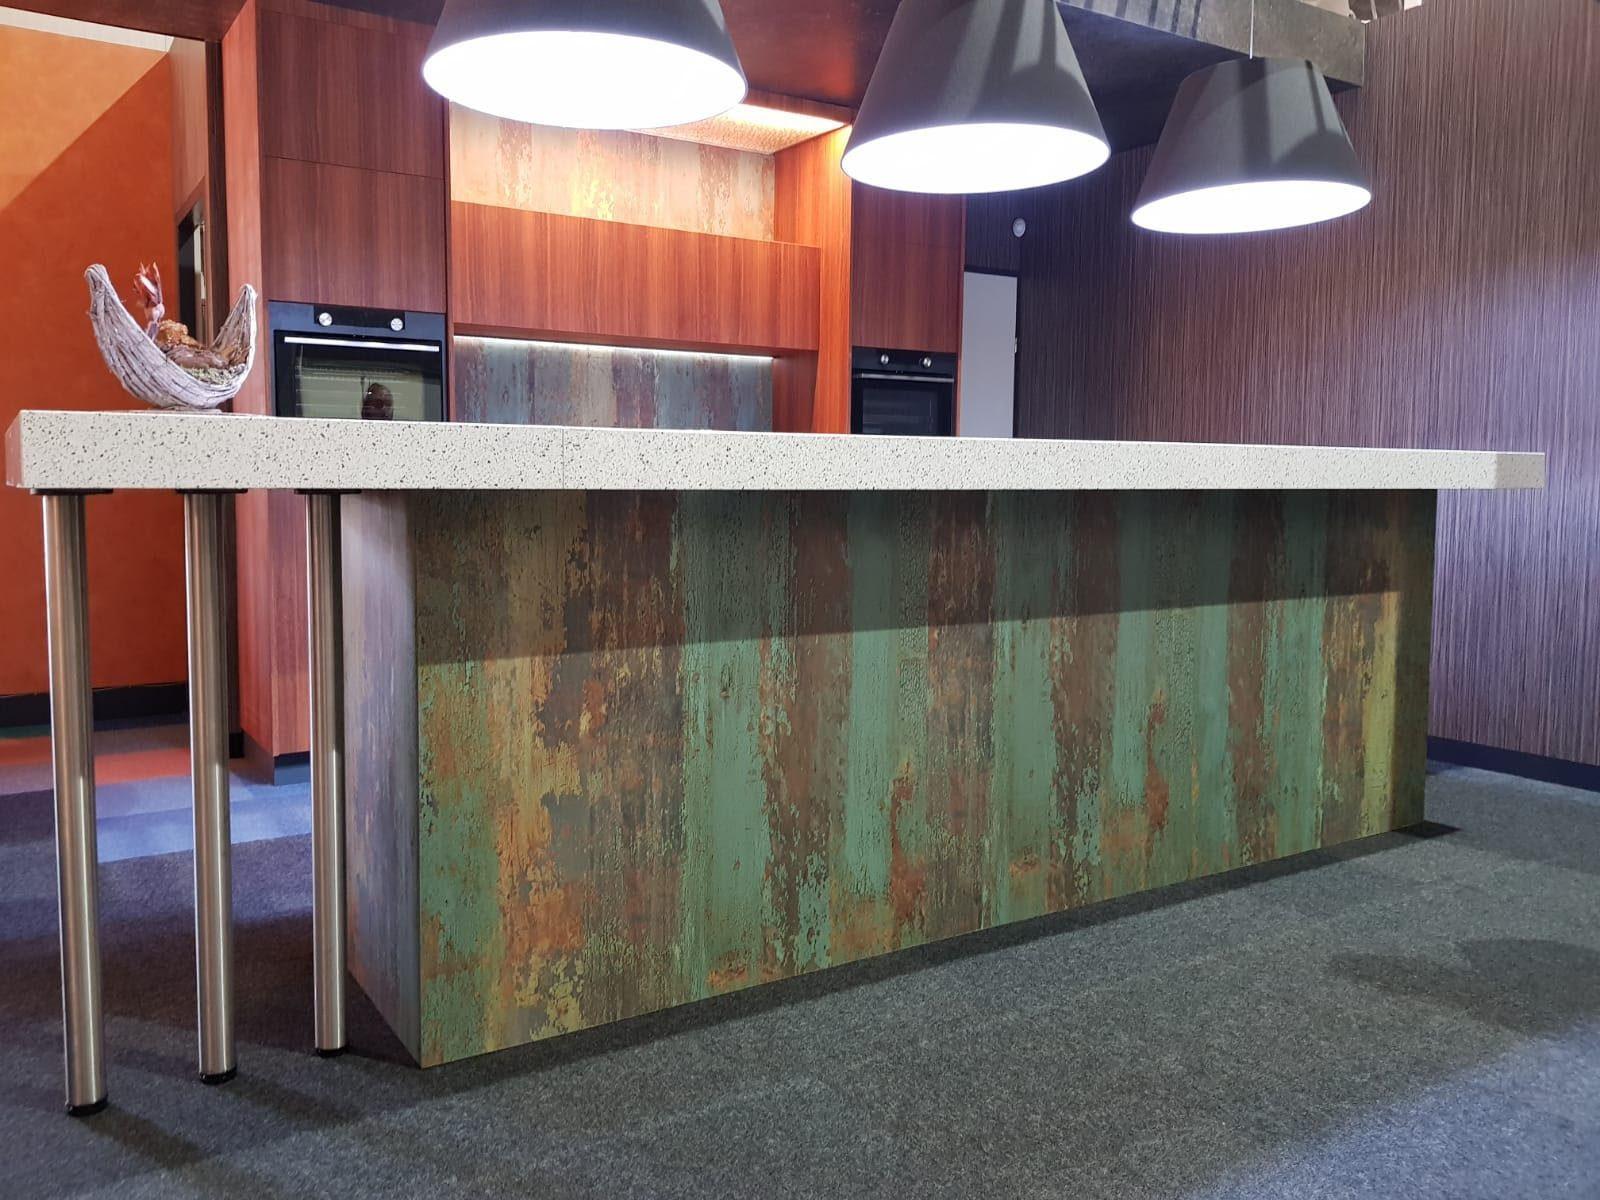 DecoLegno-HPL Specials-forest green - keuken 3